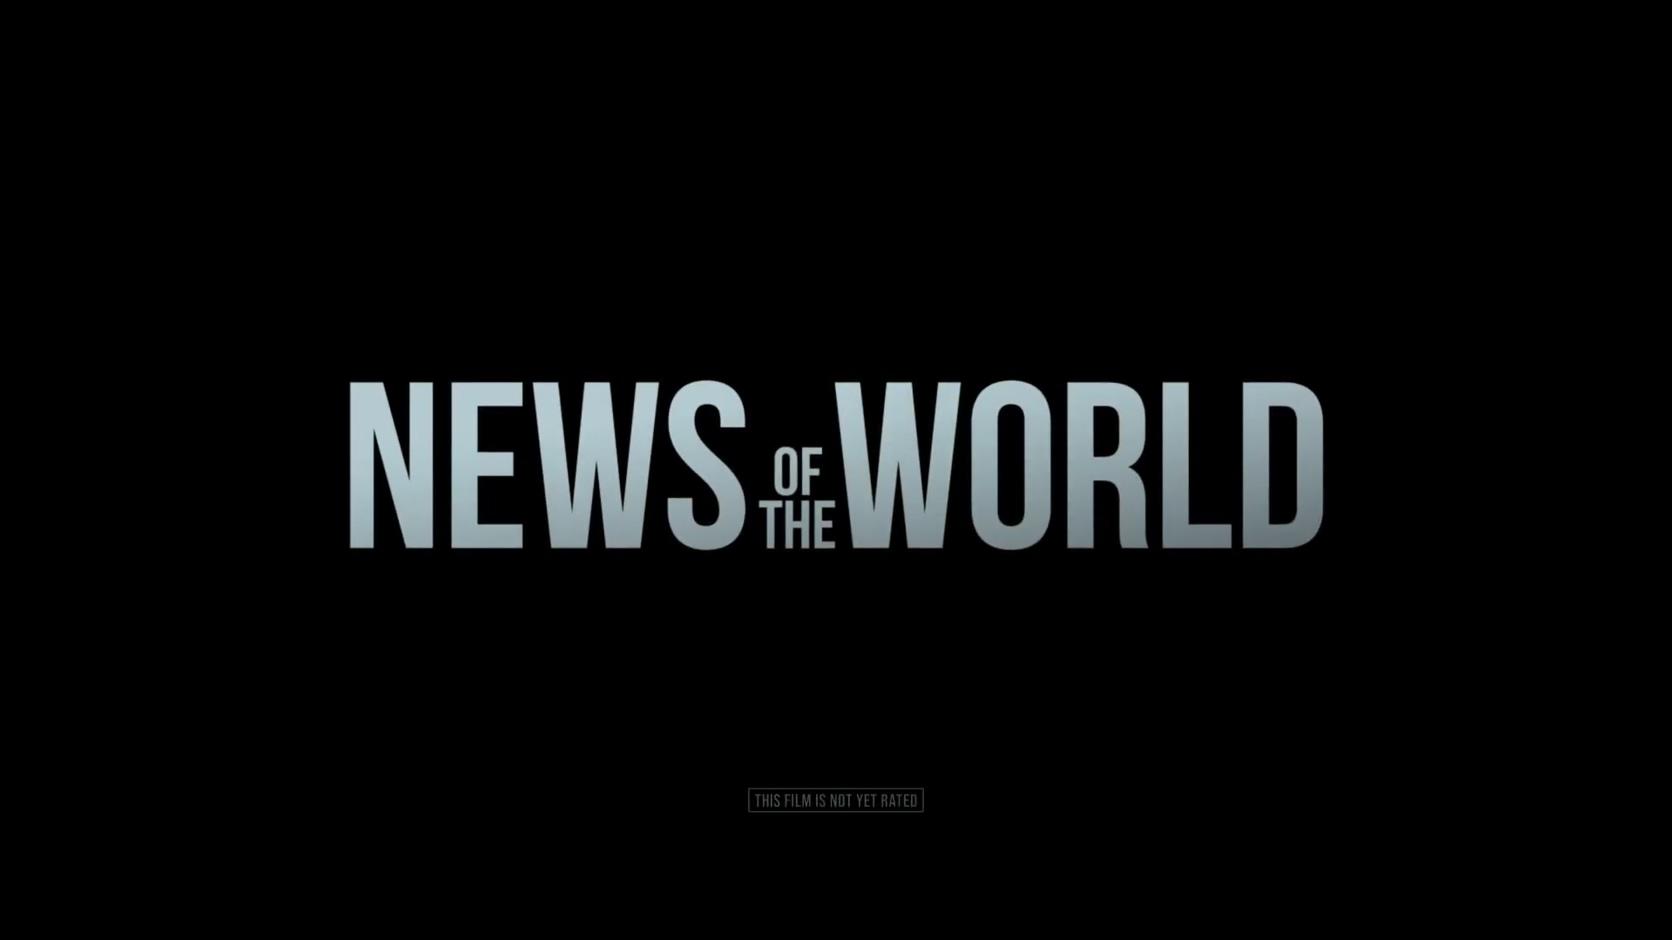 汤姆·汉克斯主演 西部片《世界新闻》首曝预告